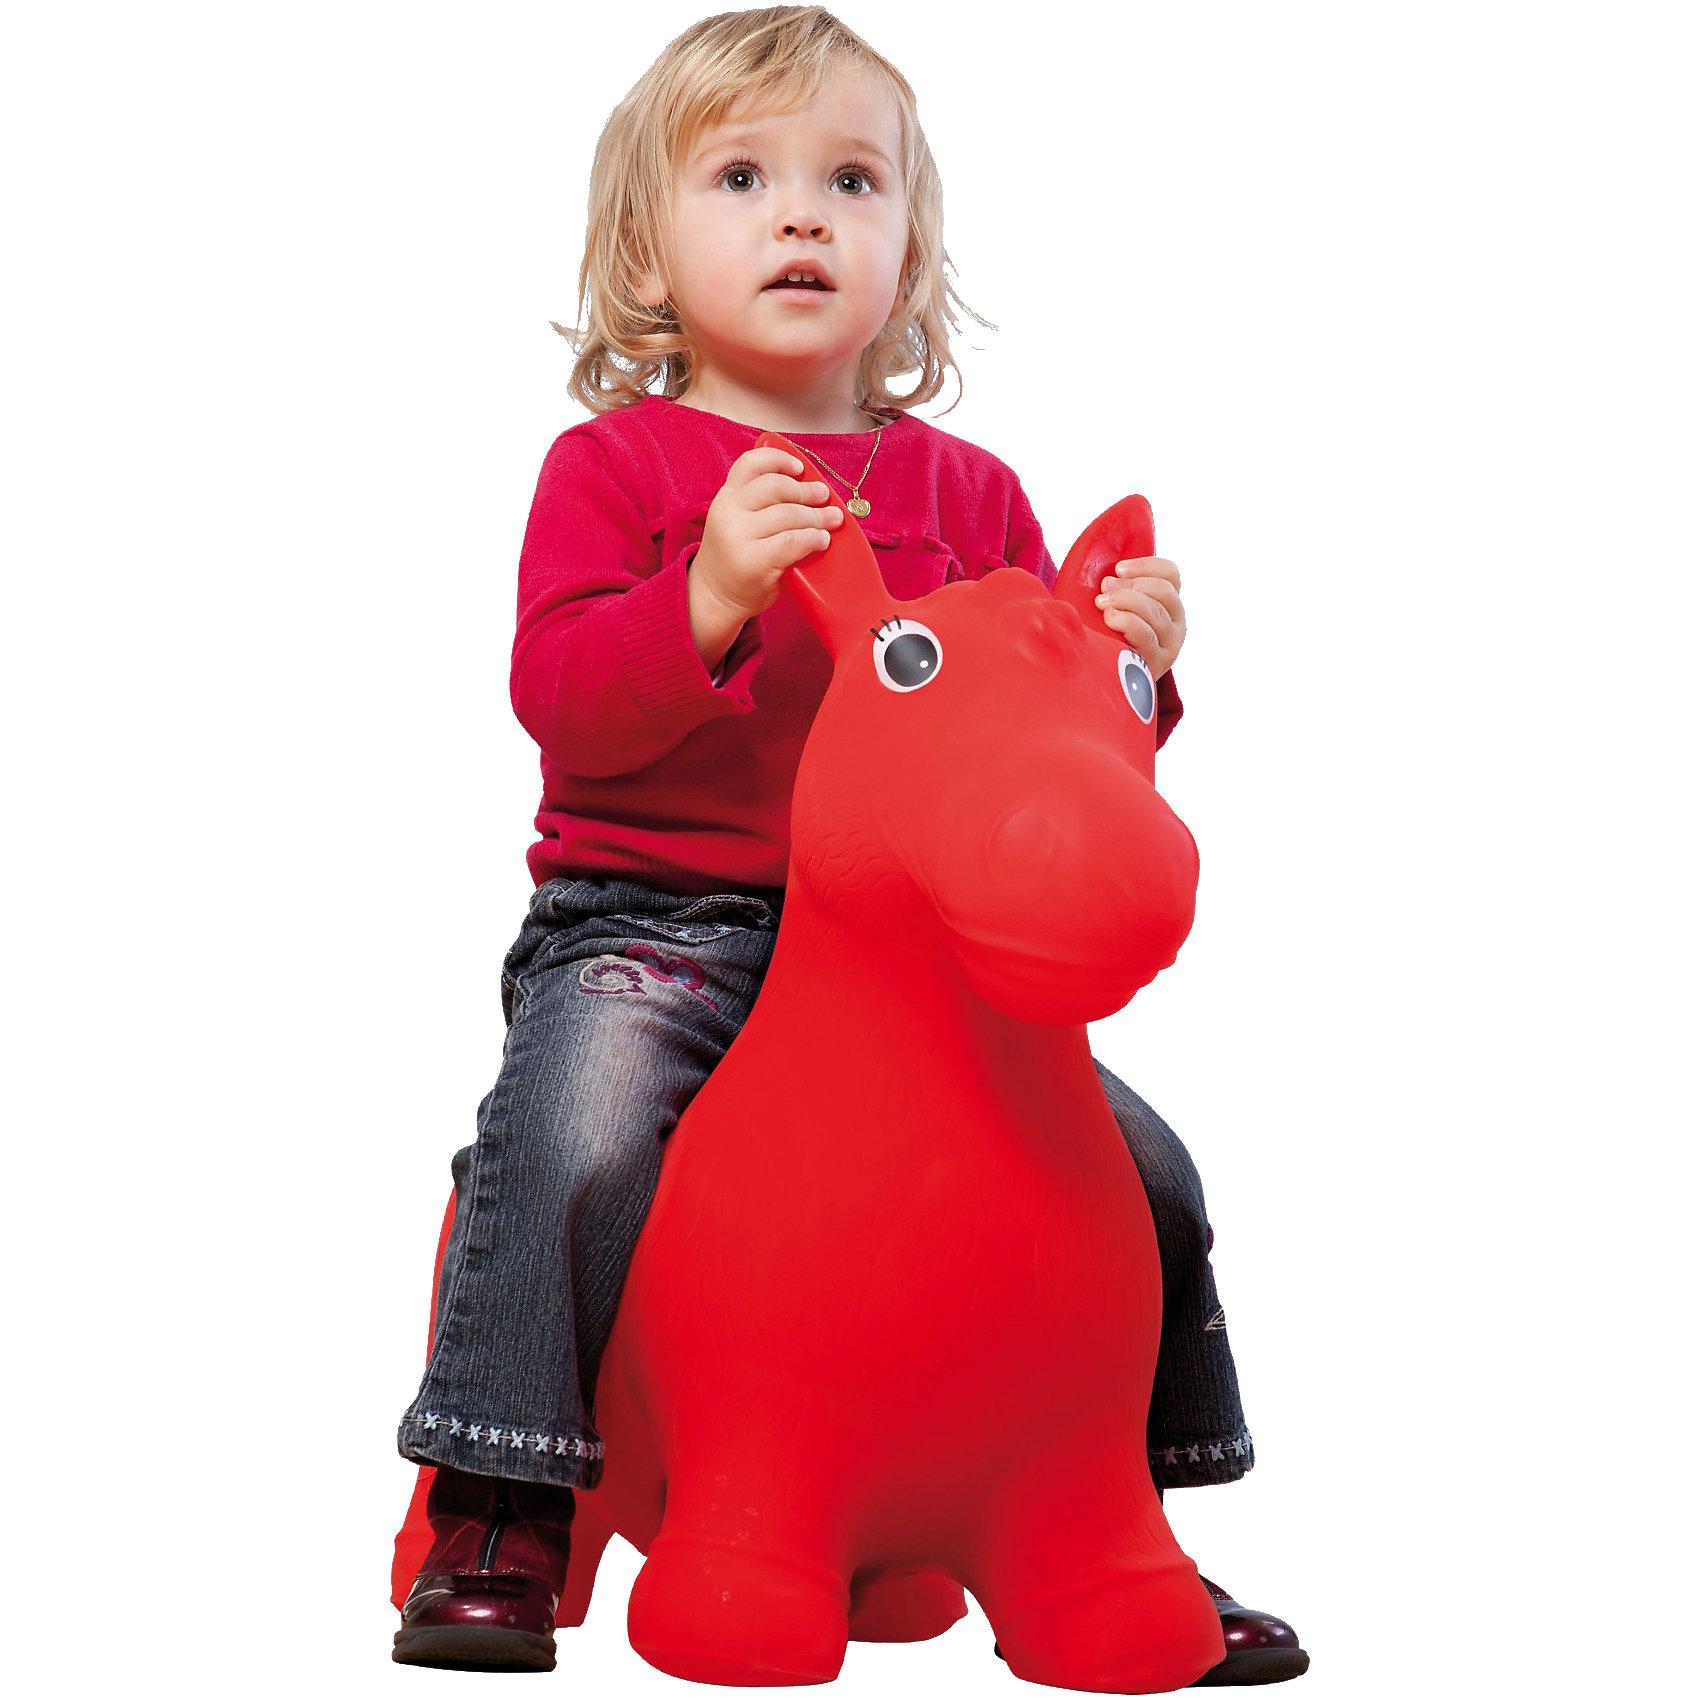 JOHN Попрыгун надувной Лошадка, цвета в ассортиментеНадувной попрыгун Лошадка- яркая игрушка для активного отдыха Вашего малыша. <br><br>Игрушка развивает ловкость и координацию движений. Занятия с гимнастическим мячом помогают формировать правильную осанку, укрепить мышцы спины, живота, рук, ног и других частей тела, развить вестибулярный аппарат. <br>Игрушка может надуваться обычным насосом по росту вашего ребенка.<br><br><br>Дополнительная информация:<br><br>- Игрушку можно надуть велосипедным или автомобильным насосом<br>- Максимальный допустимый вес эксплуатации: 25 кг<br>- Размер упаковки: 37х17,5х25 см<br>- Размер игрушки: 70х30х50 см;<br>- Ширина сидения - 22 см<br>- В комплекте: надувное животное Лошадка - 1 шт.<br>- Материал: ПВХ.<br>ВНИМАНИЕ! Данный товар представлен в ассортименте и возможны два варианта цветового исполнения данного товара (желтый либо красный). При заказе нескольких единиц данного товара, возможно получение одинаковых.<br><br>JOHN Попрыгун надувной Лошадка, в ассортименте можно купить в нашем магазине.<br><br>Ширина мм: 385<br>Глубина мм: 251<br>Высота мм: 182<br>Вес г: 1555<br>Возраст от месяцев: 24<br>Возраст до месяцев: 84<br>Пол: Унисекс<br>Возраст: Детский<br>SKU: 1600724